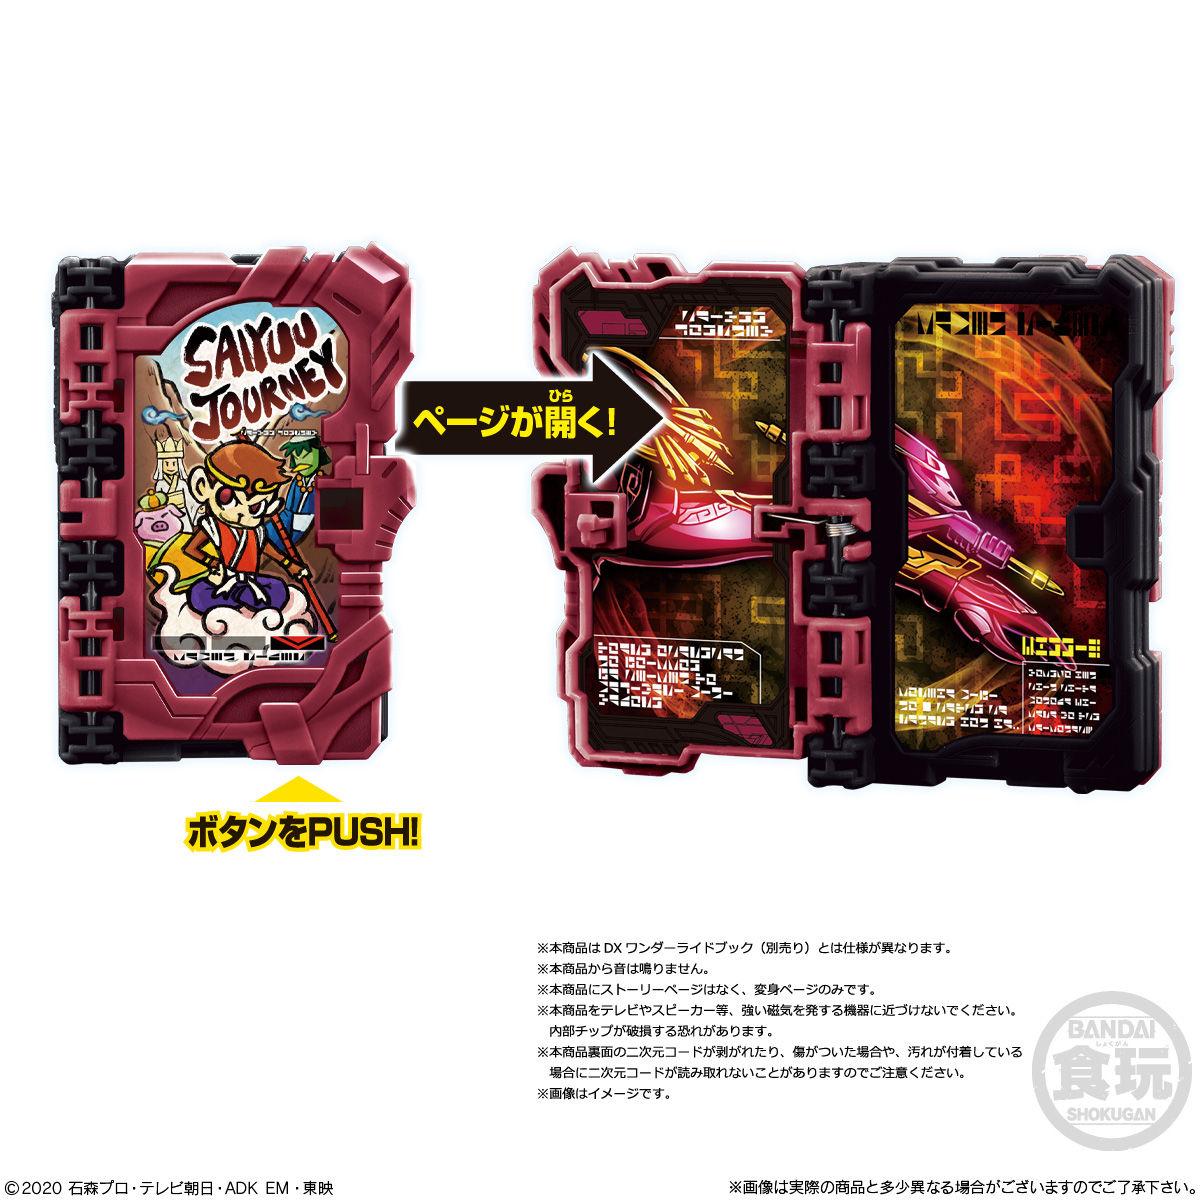 【食玩】仮面ライダーセイバー『コレクタブルワンダーライドブック SG04』8個入りBOX-008